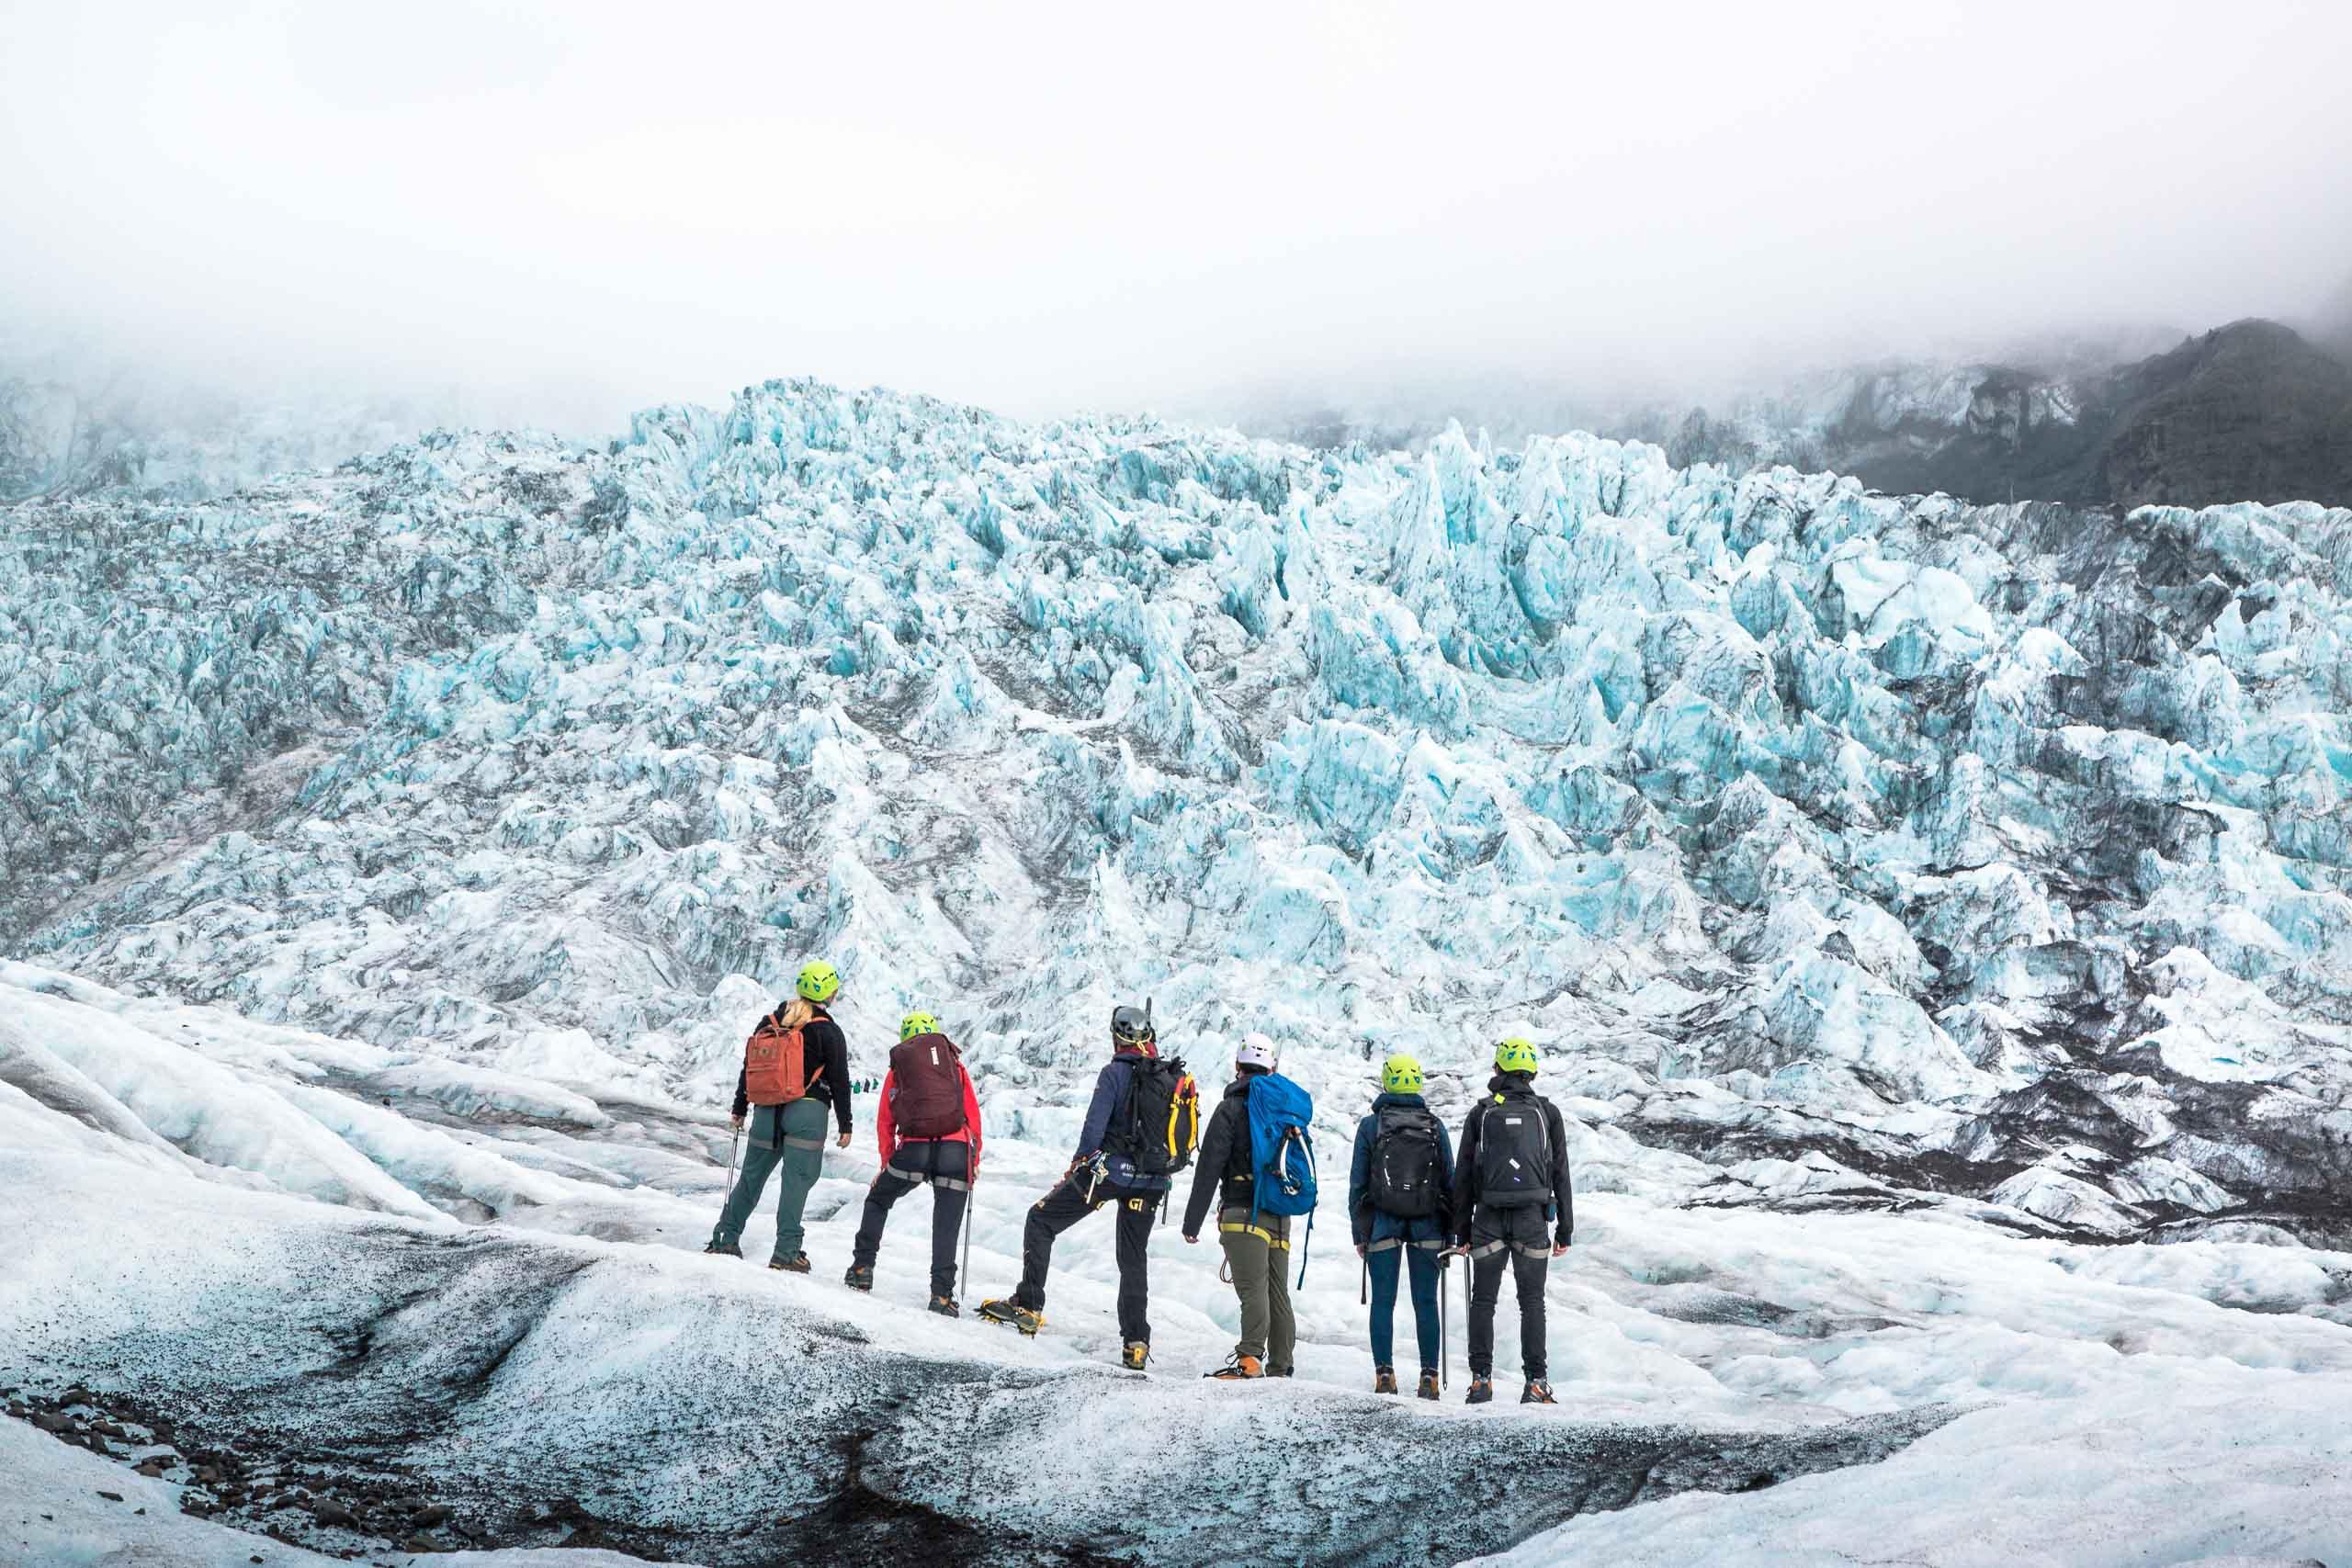 요쿨살론은 의심의 여지 없이 아이슬란드에서 가장 특별한 장소입니다.